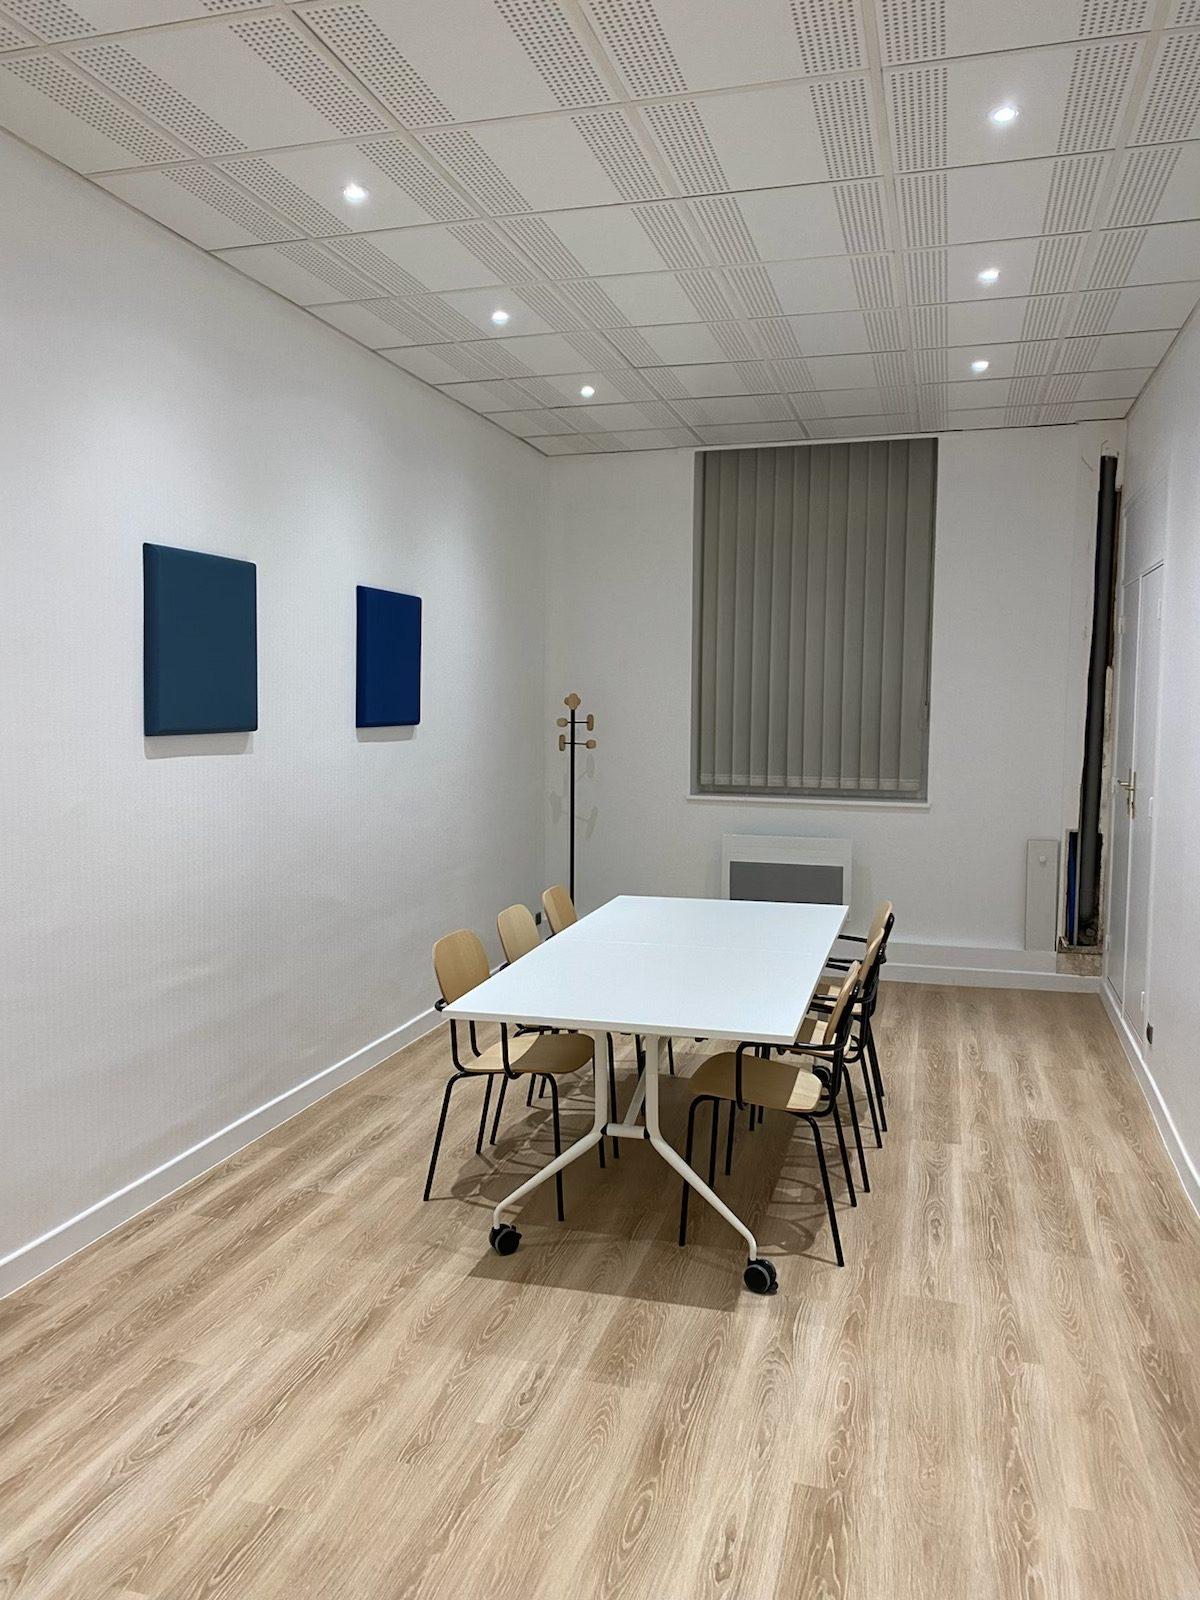 La France Mutualiste - Salle de réunion, table pliante, fauteuils visiteurs